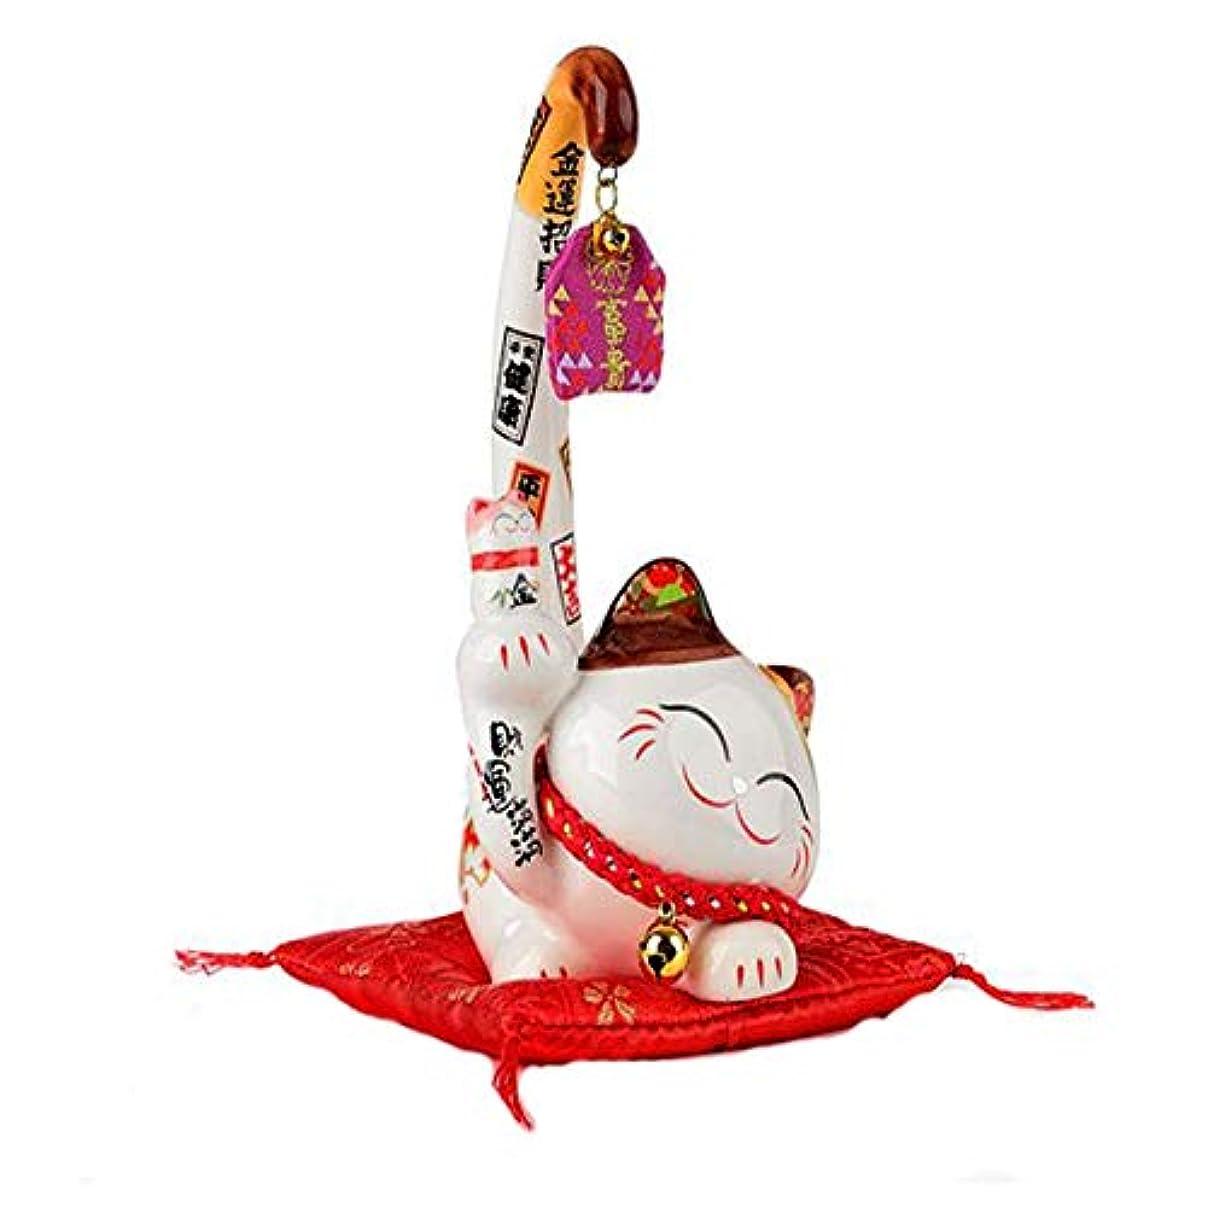 せがむ泳ぐ酔うHongyushanghang ラッキーキャットミニクリエイティブギフトオフィスの装飾品ロングテールキャット,、ジュエリークリエイティブホリデーギフトを掛ける (Size : L)